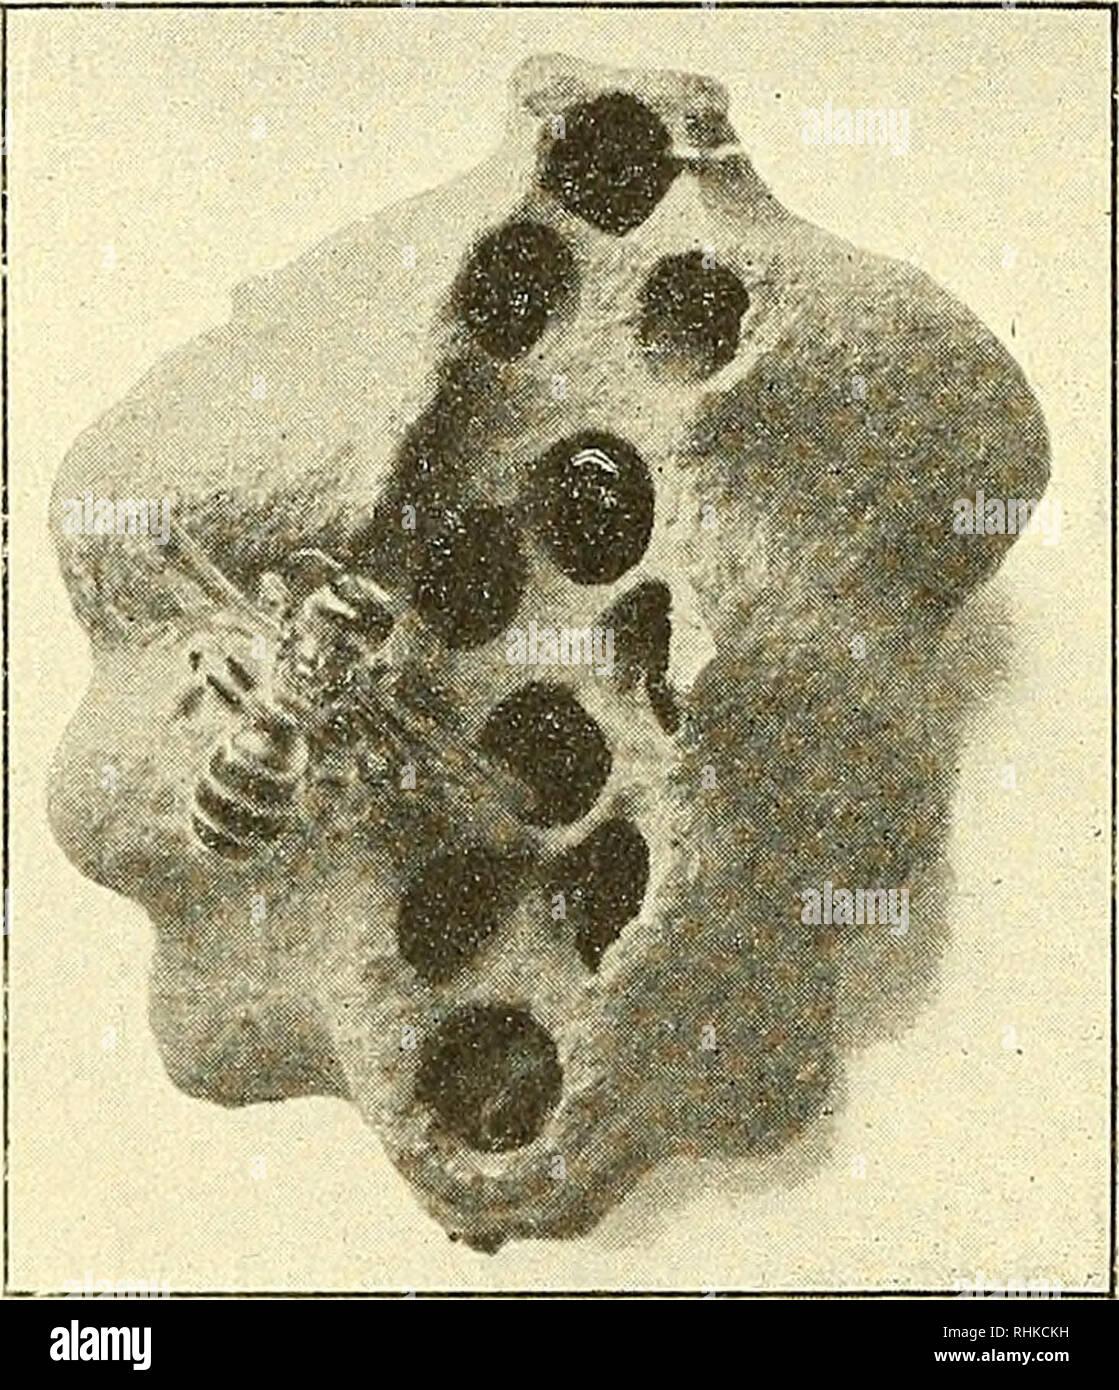 . Biologisches Zentralblatt. Biology. 30 v. Buttel-Reepen, Die phylogenetische Entstehung des Bienenstaates. Bienen ist; immerhin giebt Smith an, dass er zwei Drittel der Zellen besetzt fand. Nielsen (1. c.) berichtet, dass er in einem Neste von Eucera longicornis L. zwei Weibchen arbeitend gefunden habe. Auch hier dürfte nur der Flugkanal gemeinsam gewesen sein. Das Nest von Halictus quaäricinctus1). Einen weiteren Fortschritt zur Vergesellschaftung müssen wir im folgenden erblicken. Während die allermeisten solitären Apiden niemals eine Kenntnis ihrer Nachkommenschaft erhalten, da sie entwed - Stock Image